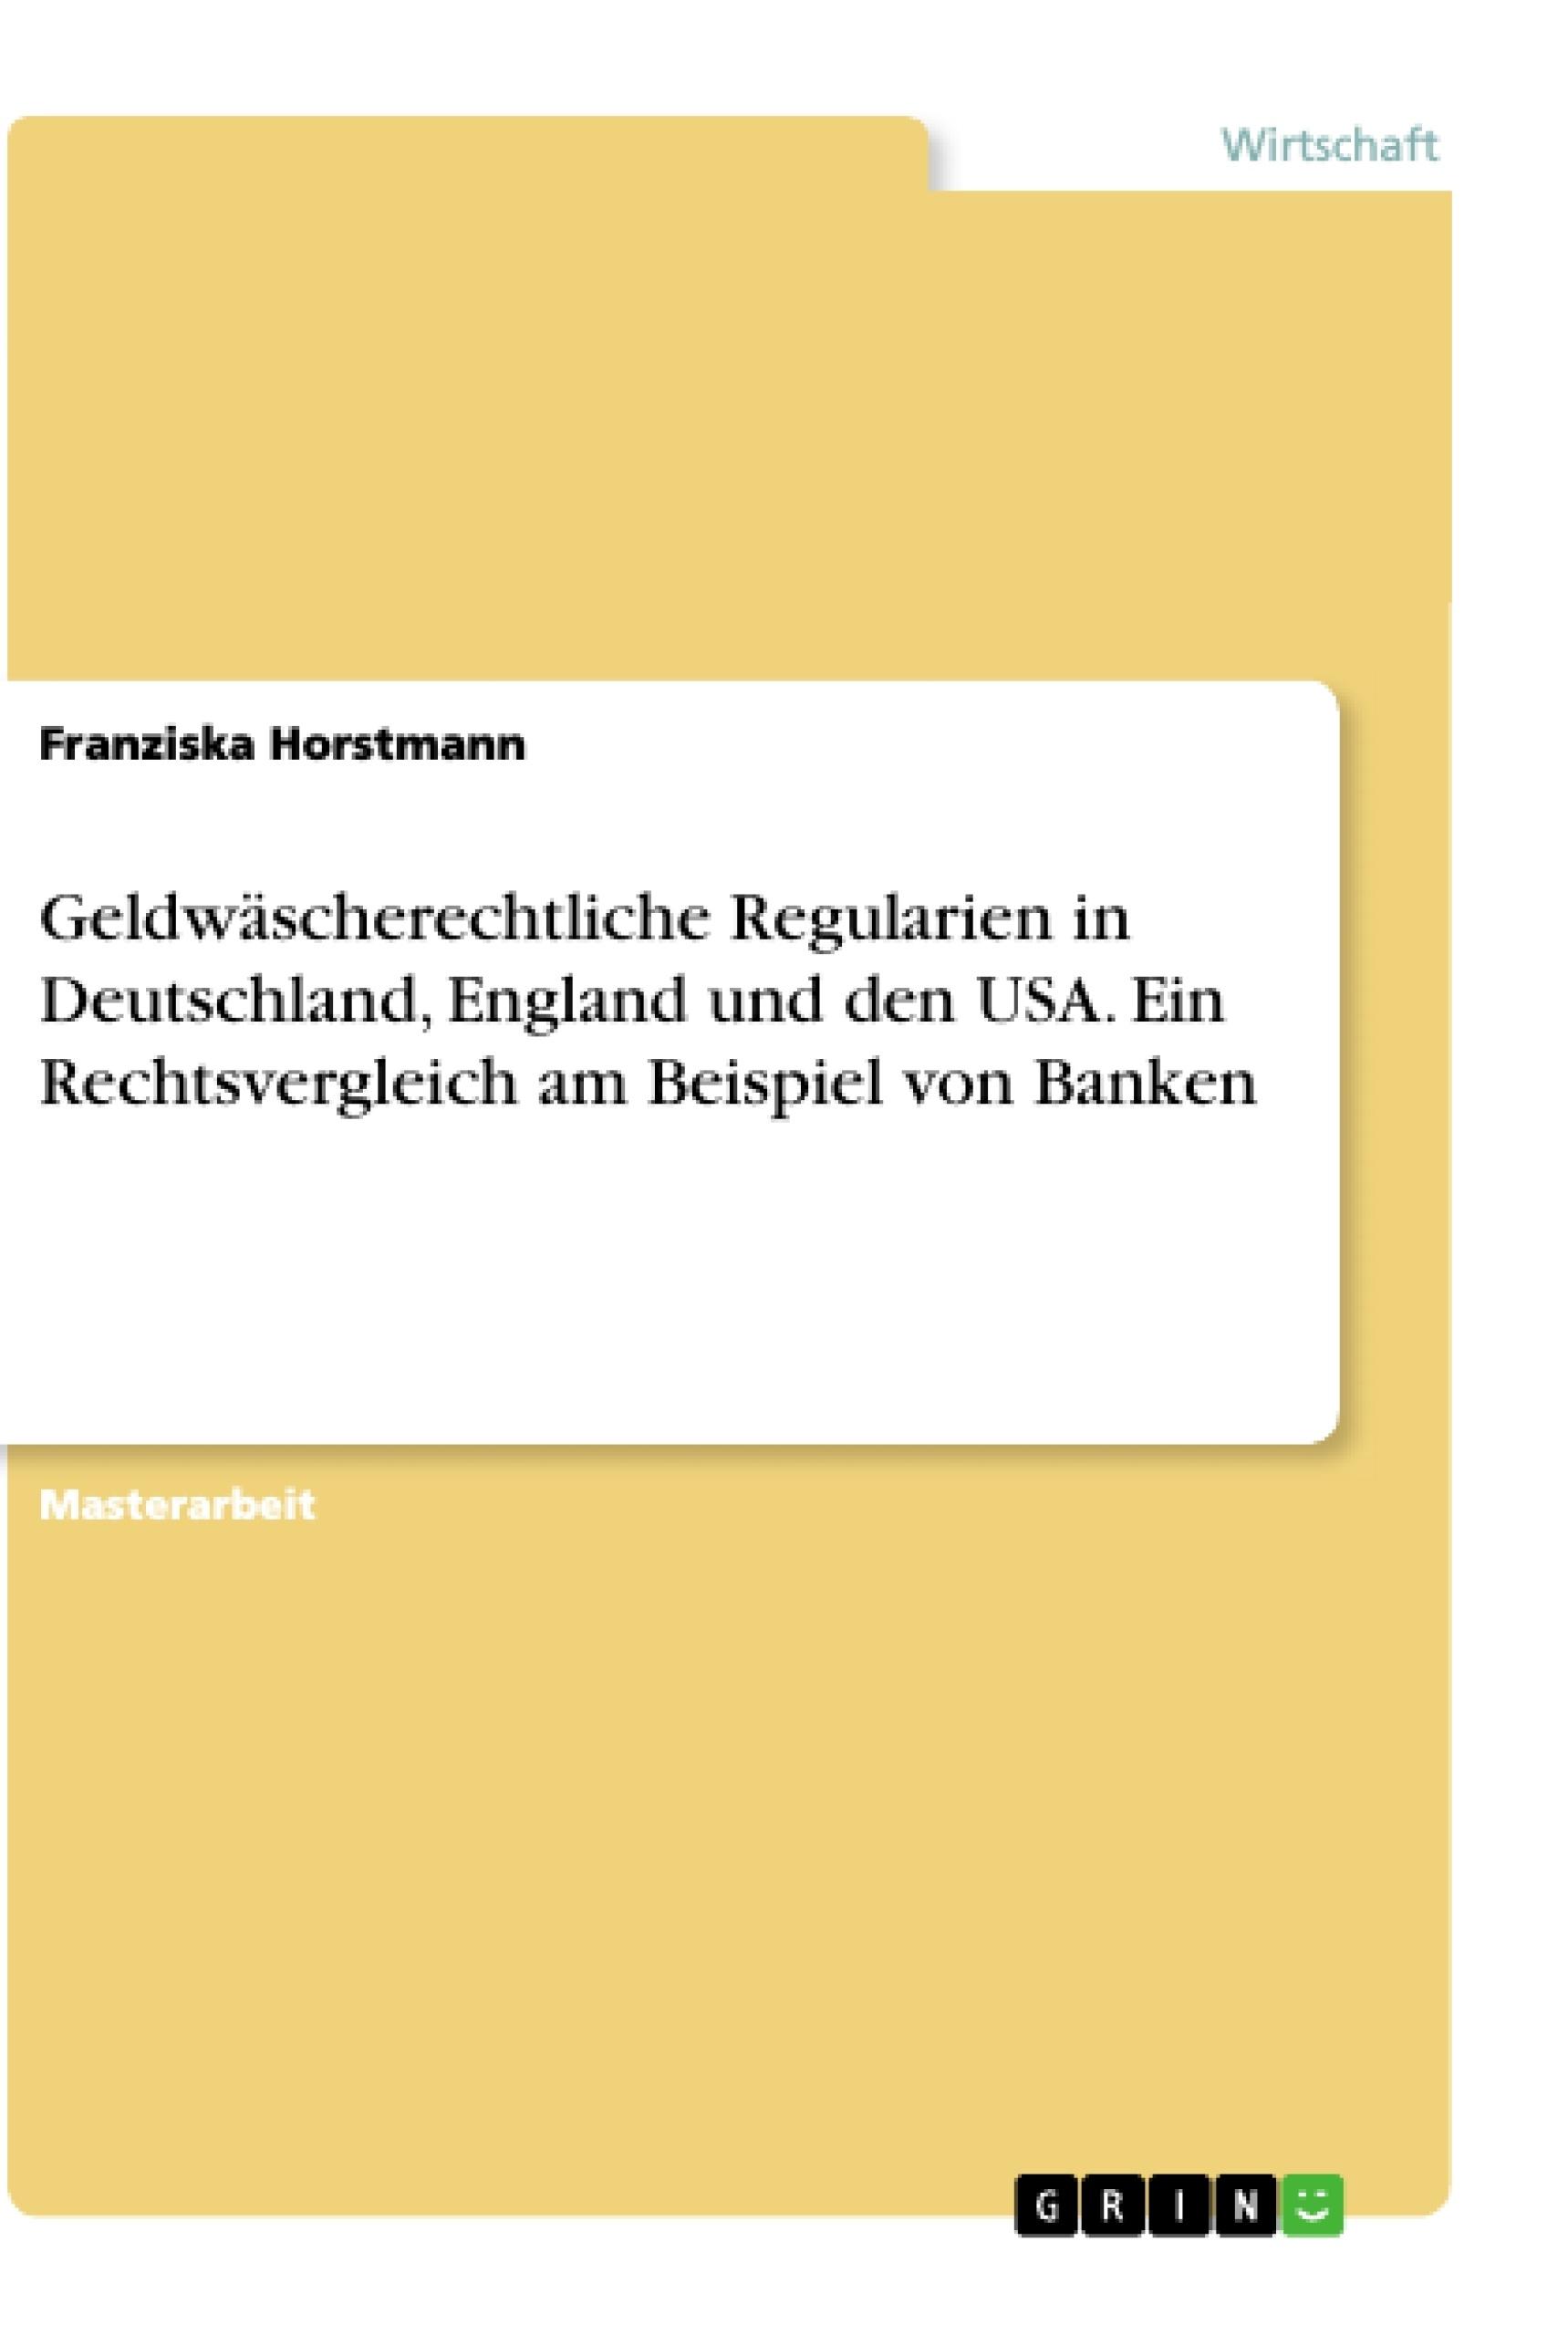 Titel: Geldwäscherechtliche Regularien in Deutschland, England und den USA. Ein Rechtsvergleich am Beispiel von Banken